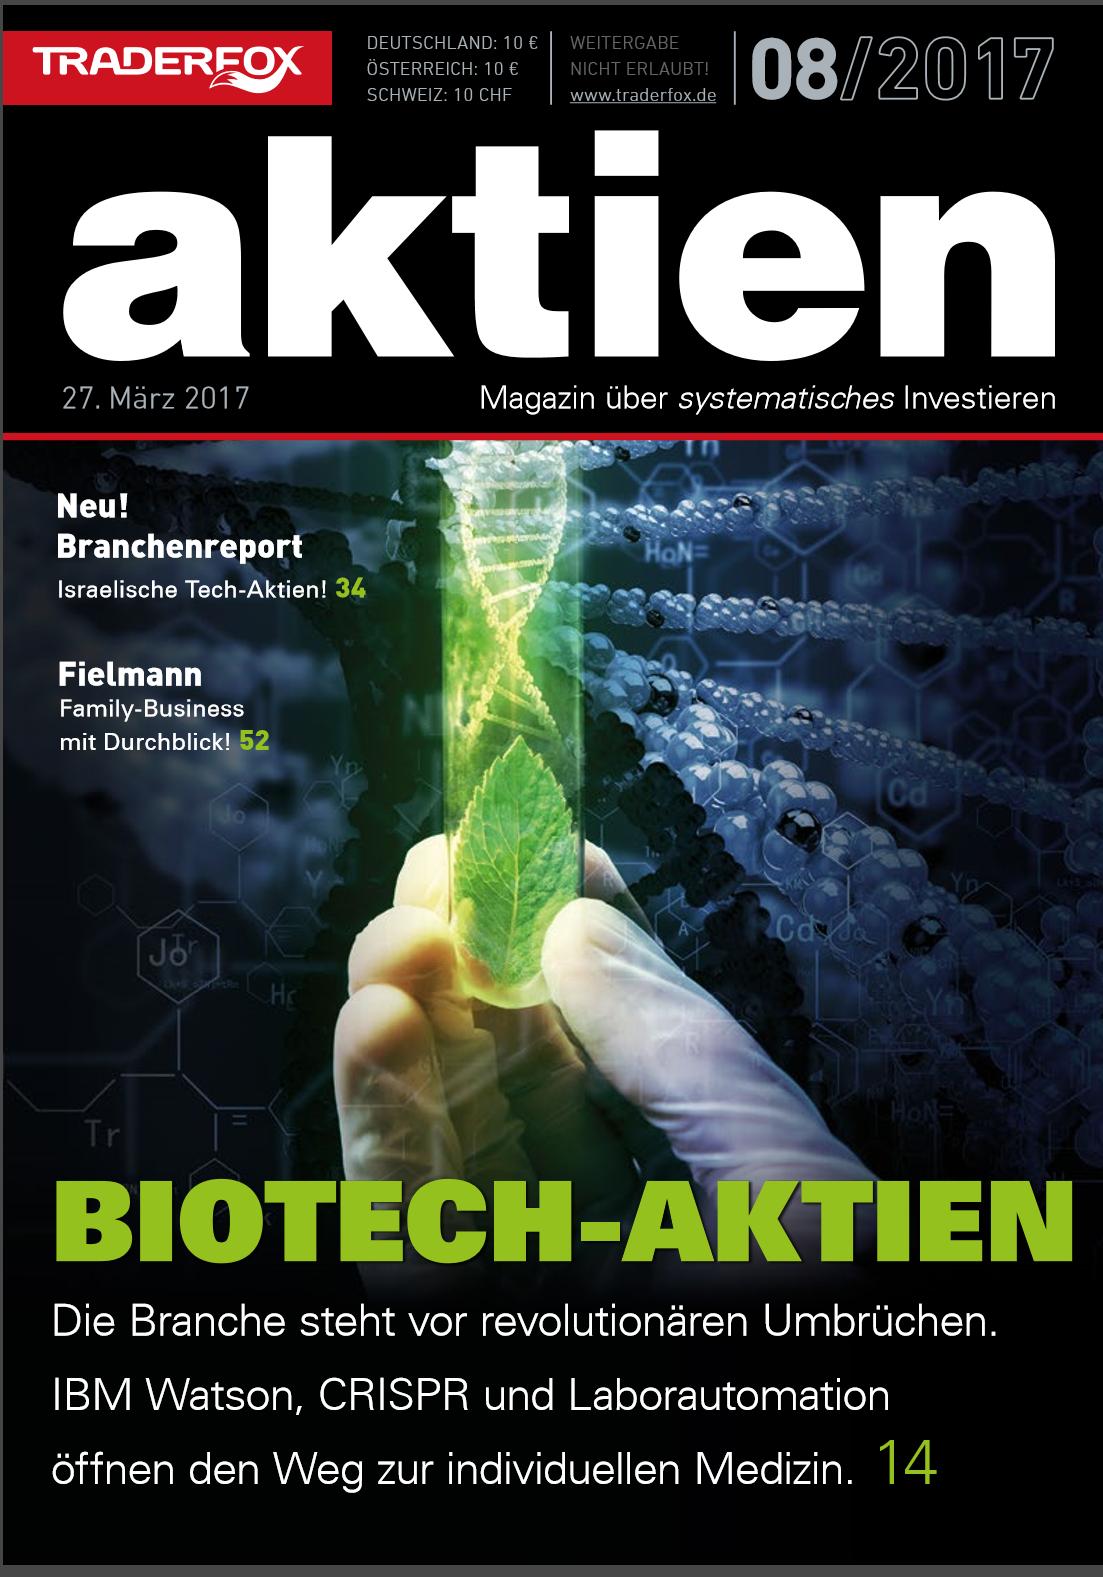 aktien 08 Biotech-Spezial: Bahnbrechende Technologien revolutionieren die Medizin!